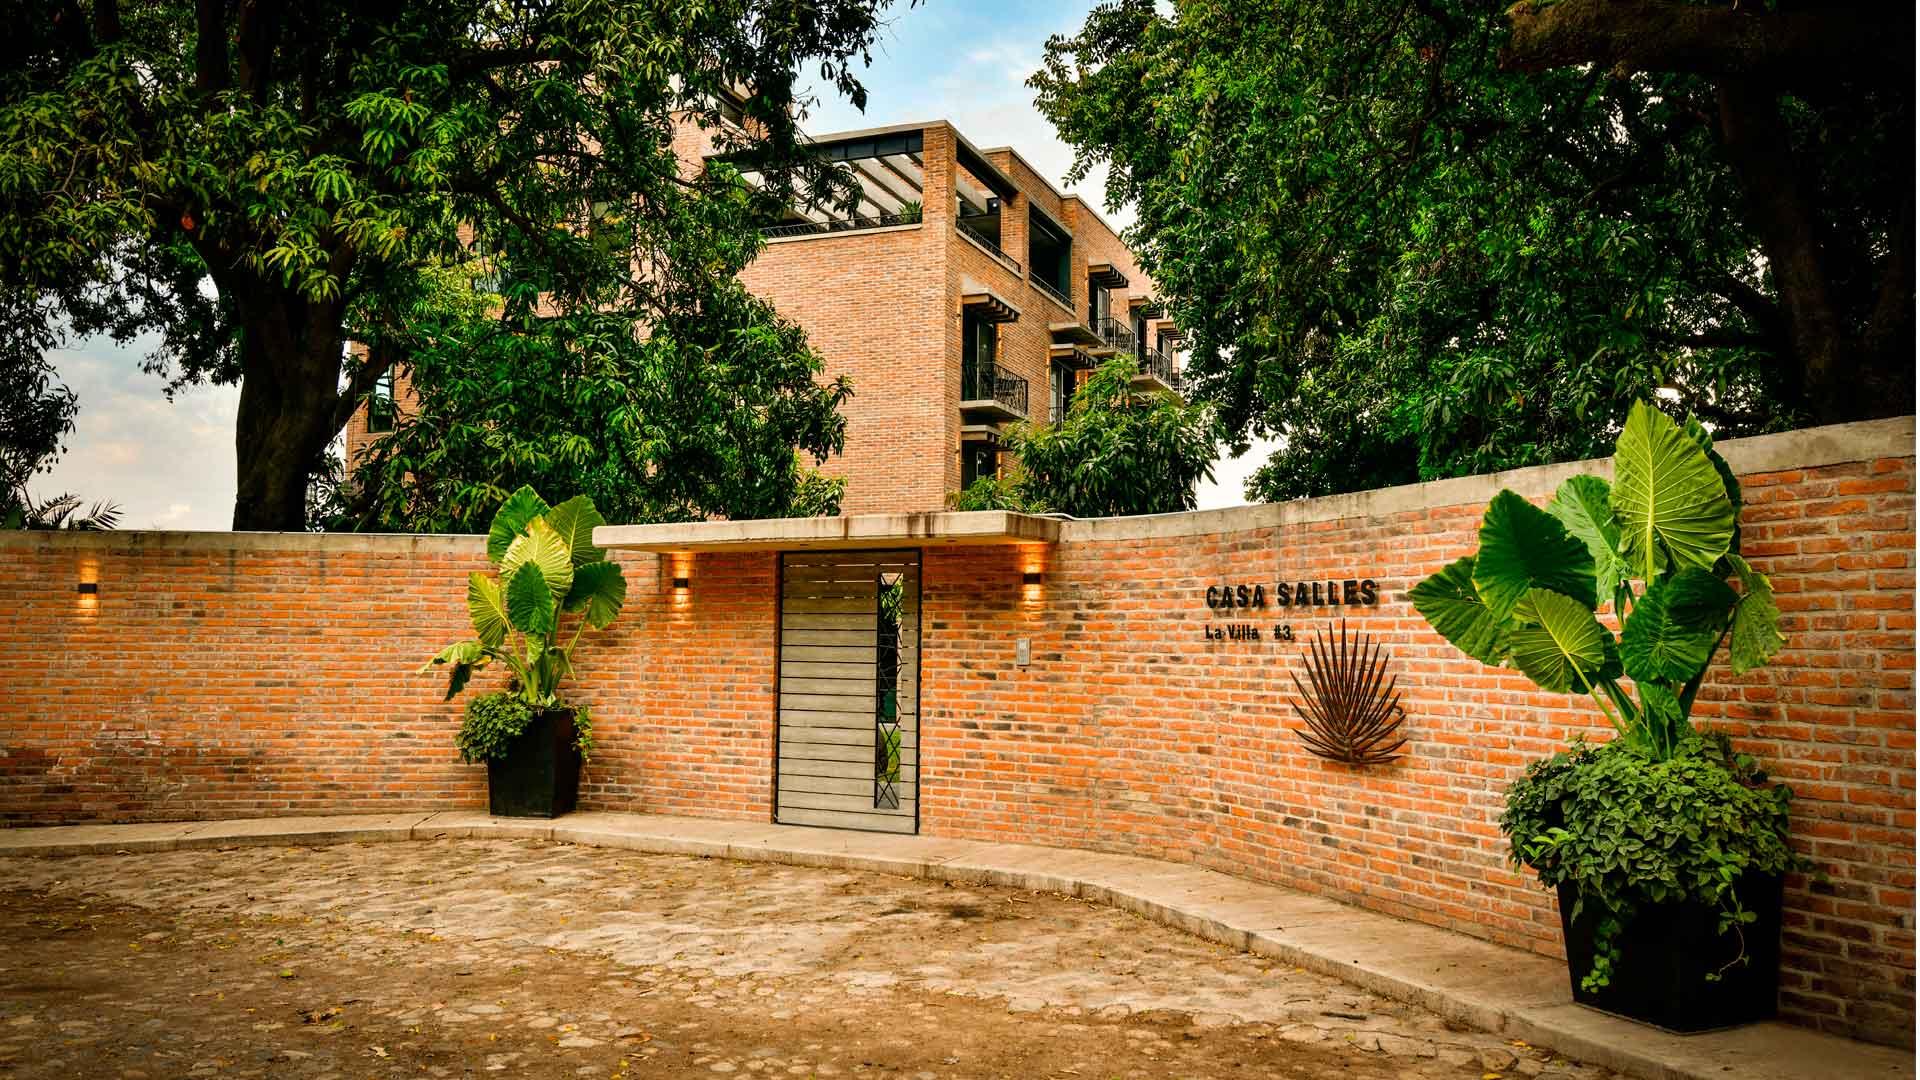 Tequila estrena hotel boutique: Casa Salles